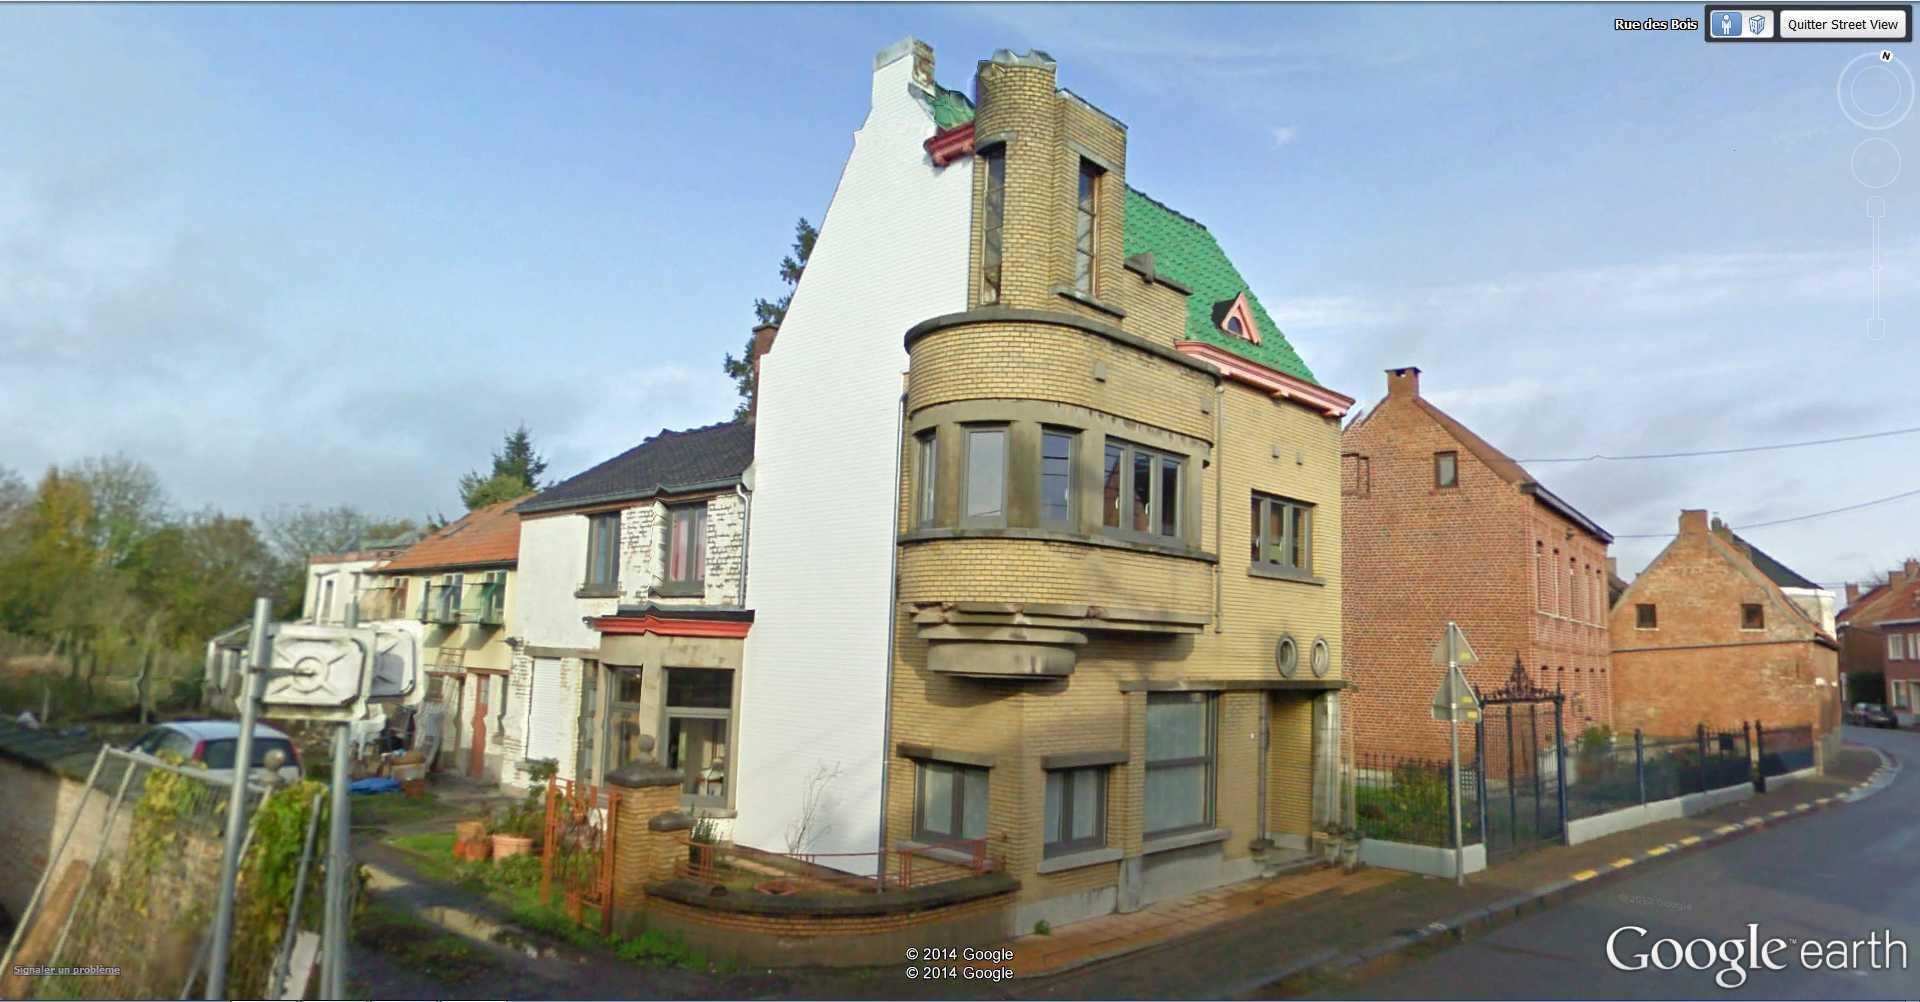 Street View - Les maisons les plus laides 2014-251